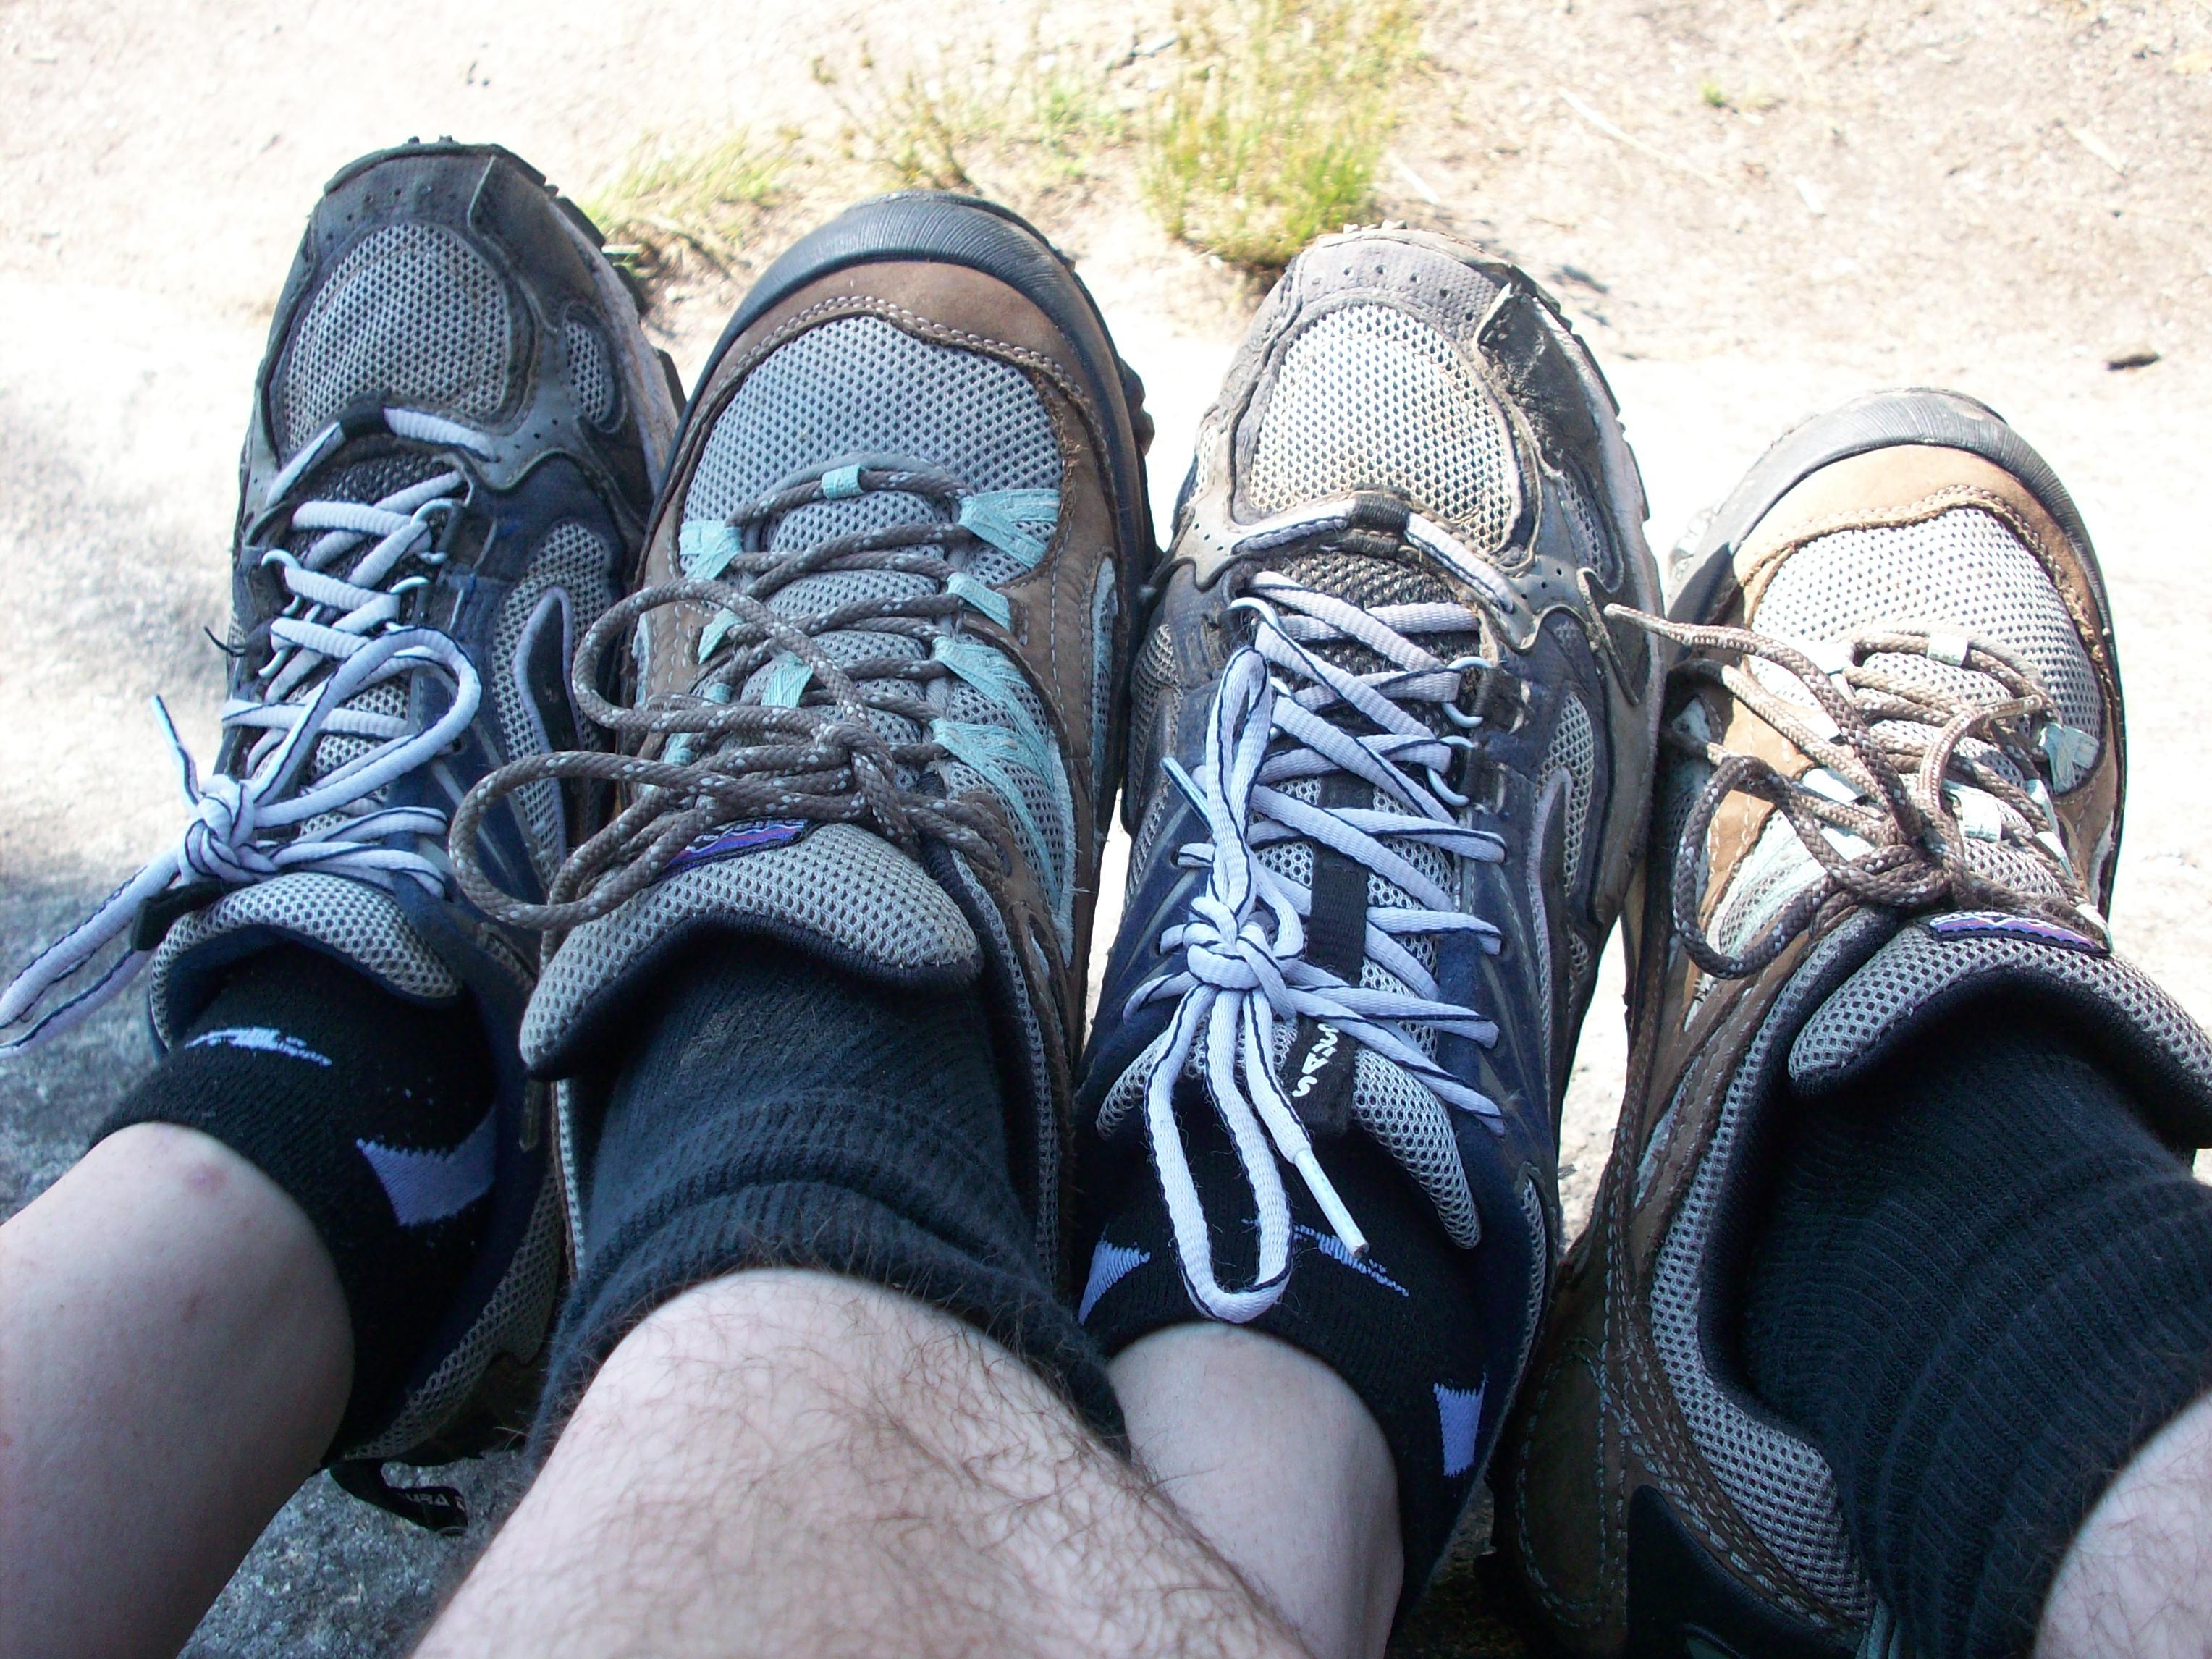 proper footwear, intertwined